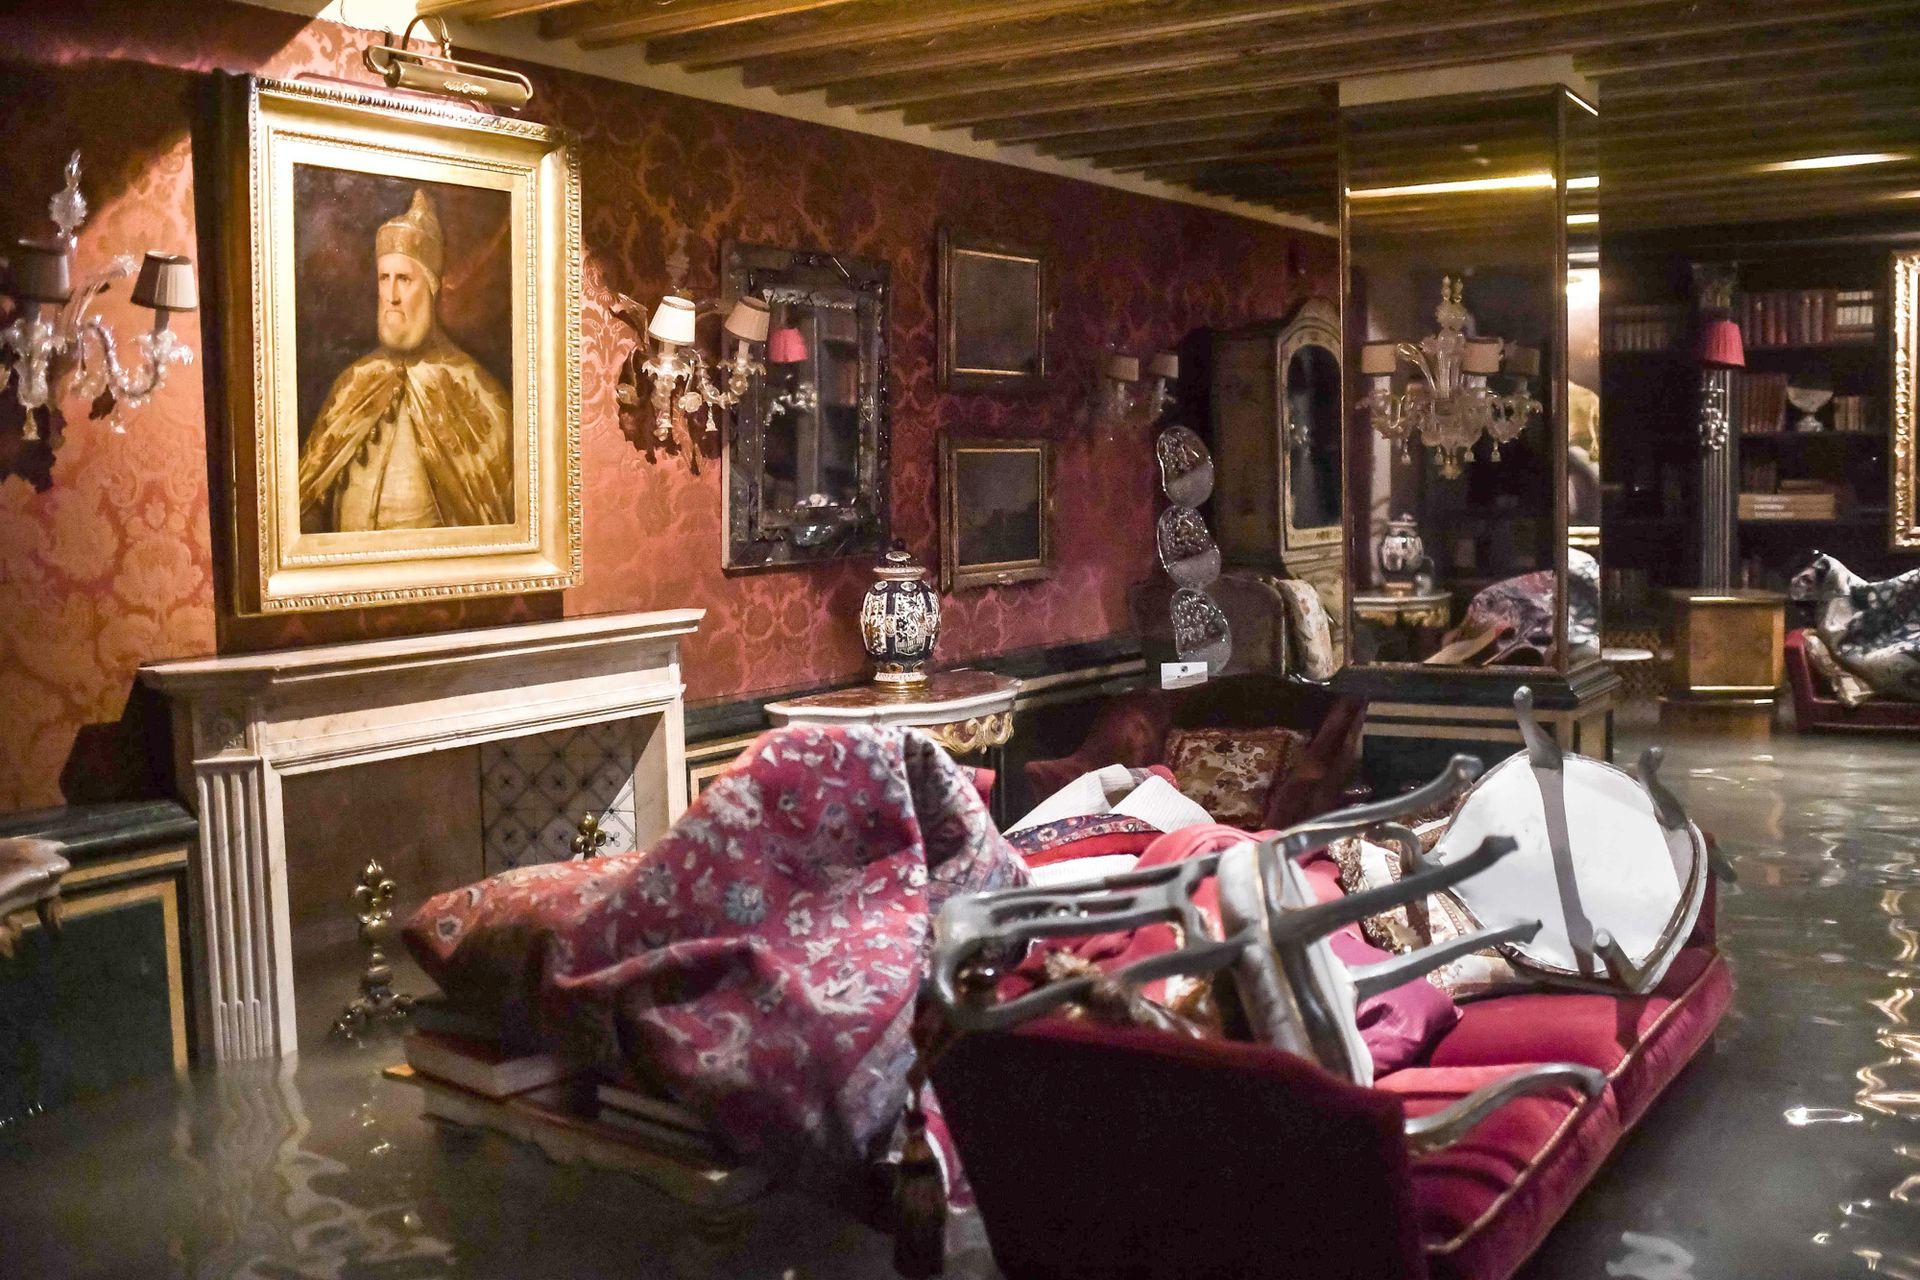 Muebles, alfombras y objetos de valor amontonados sobre un sillón en el Palacio Gritti